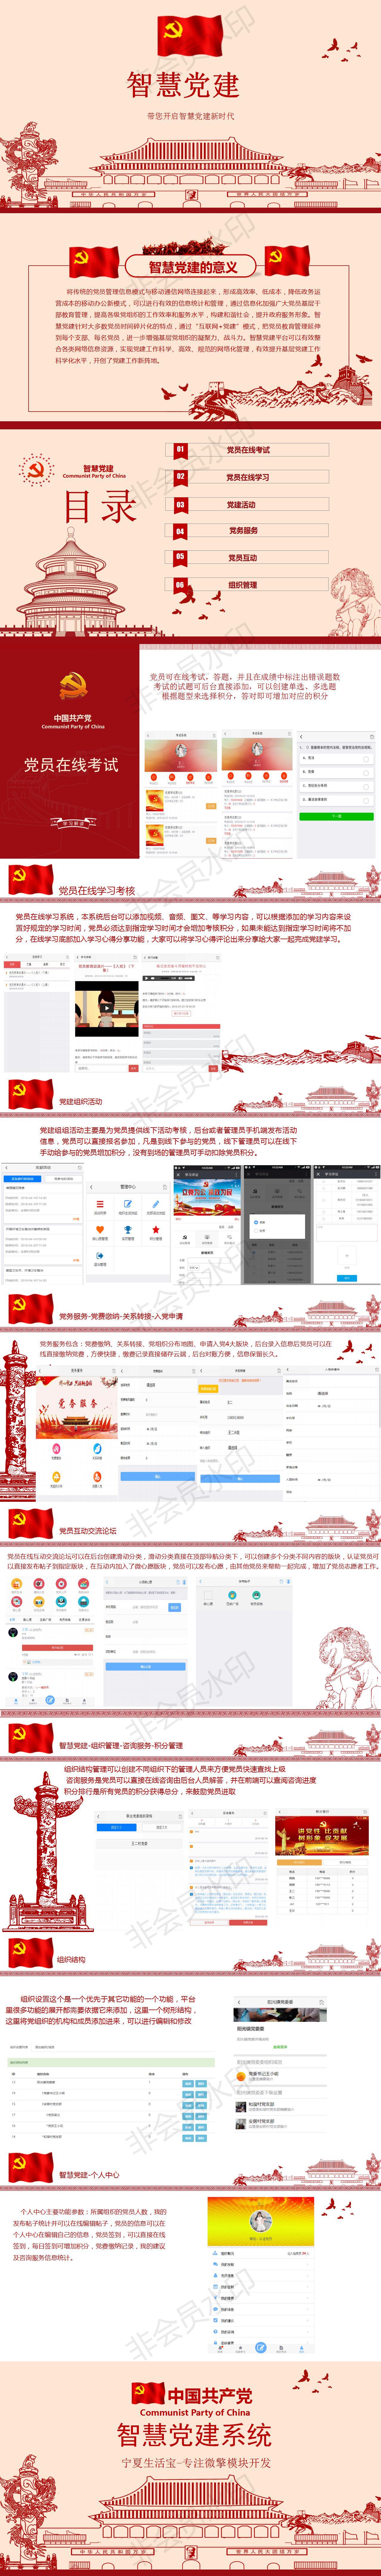 【微擎微赞】党建系统公众号源码